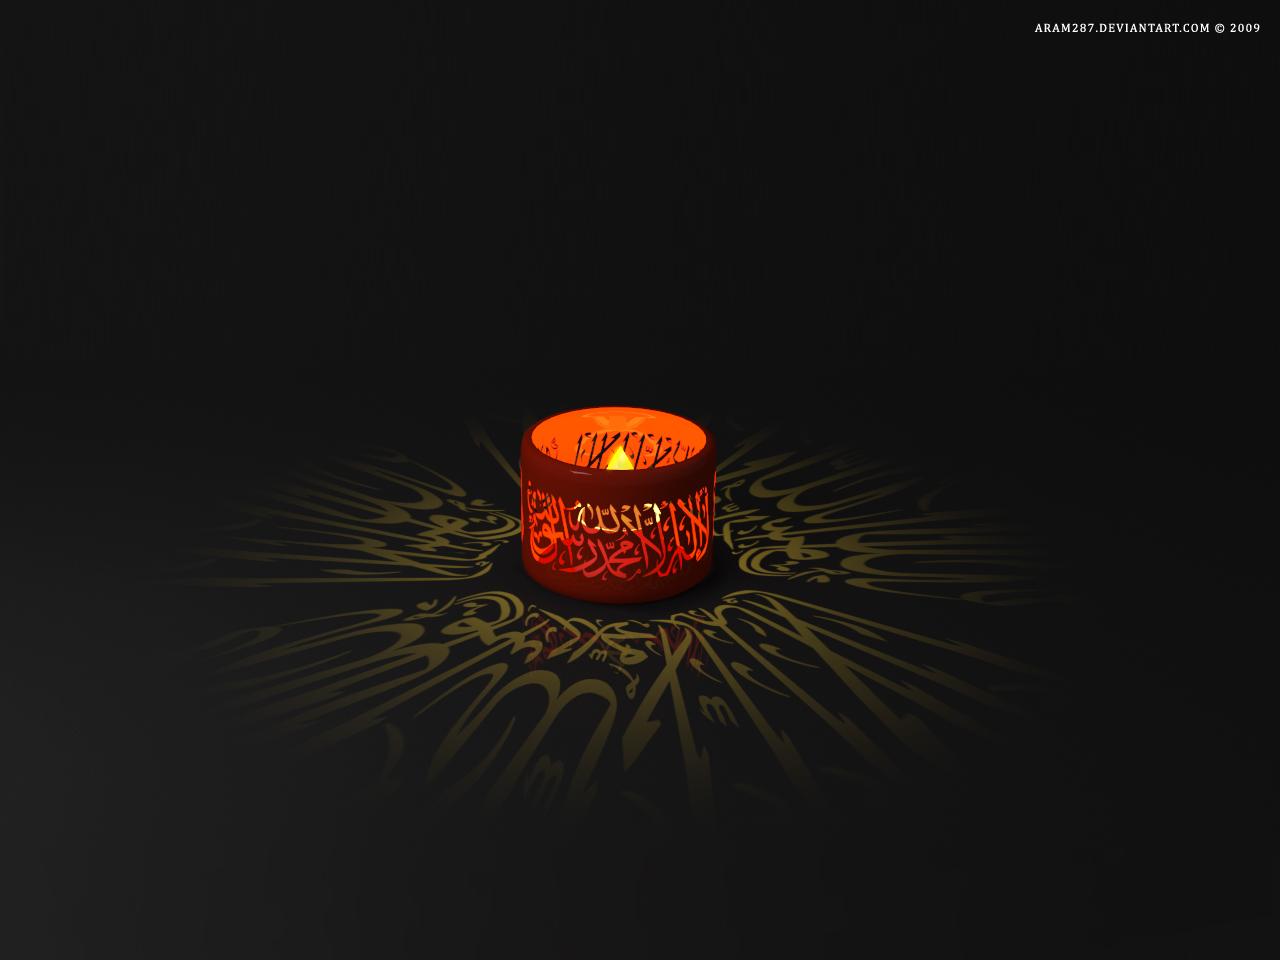 അല്ലഫല് അലിഫ് -ദിവ്യാനുരാഗത്തിന്റെ കാവ്യതല്ലജങ്ങള്